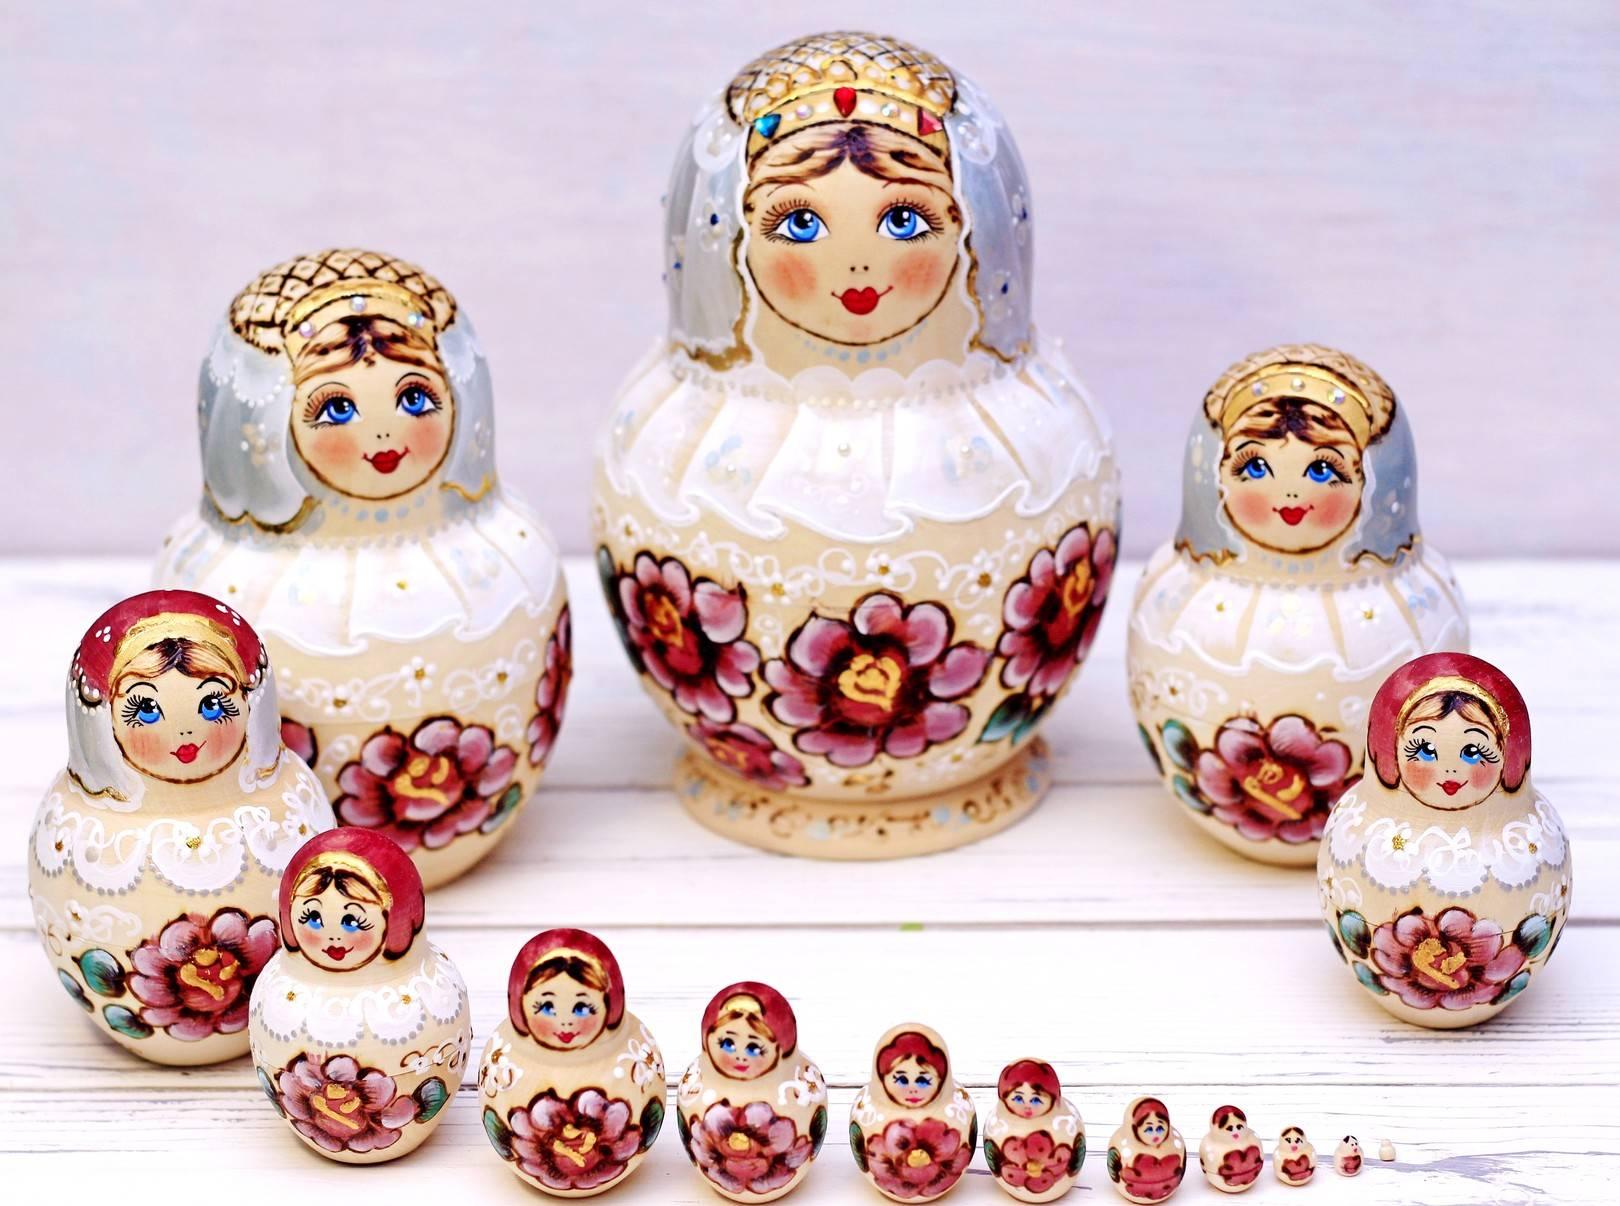 Матрешка свадебная Принцесса - Matryoshka wedding princess